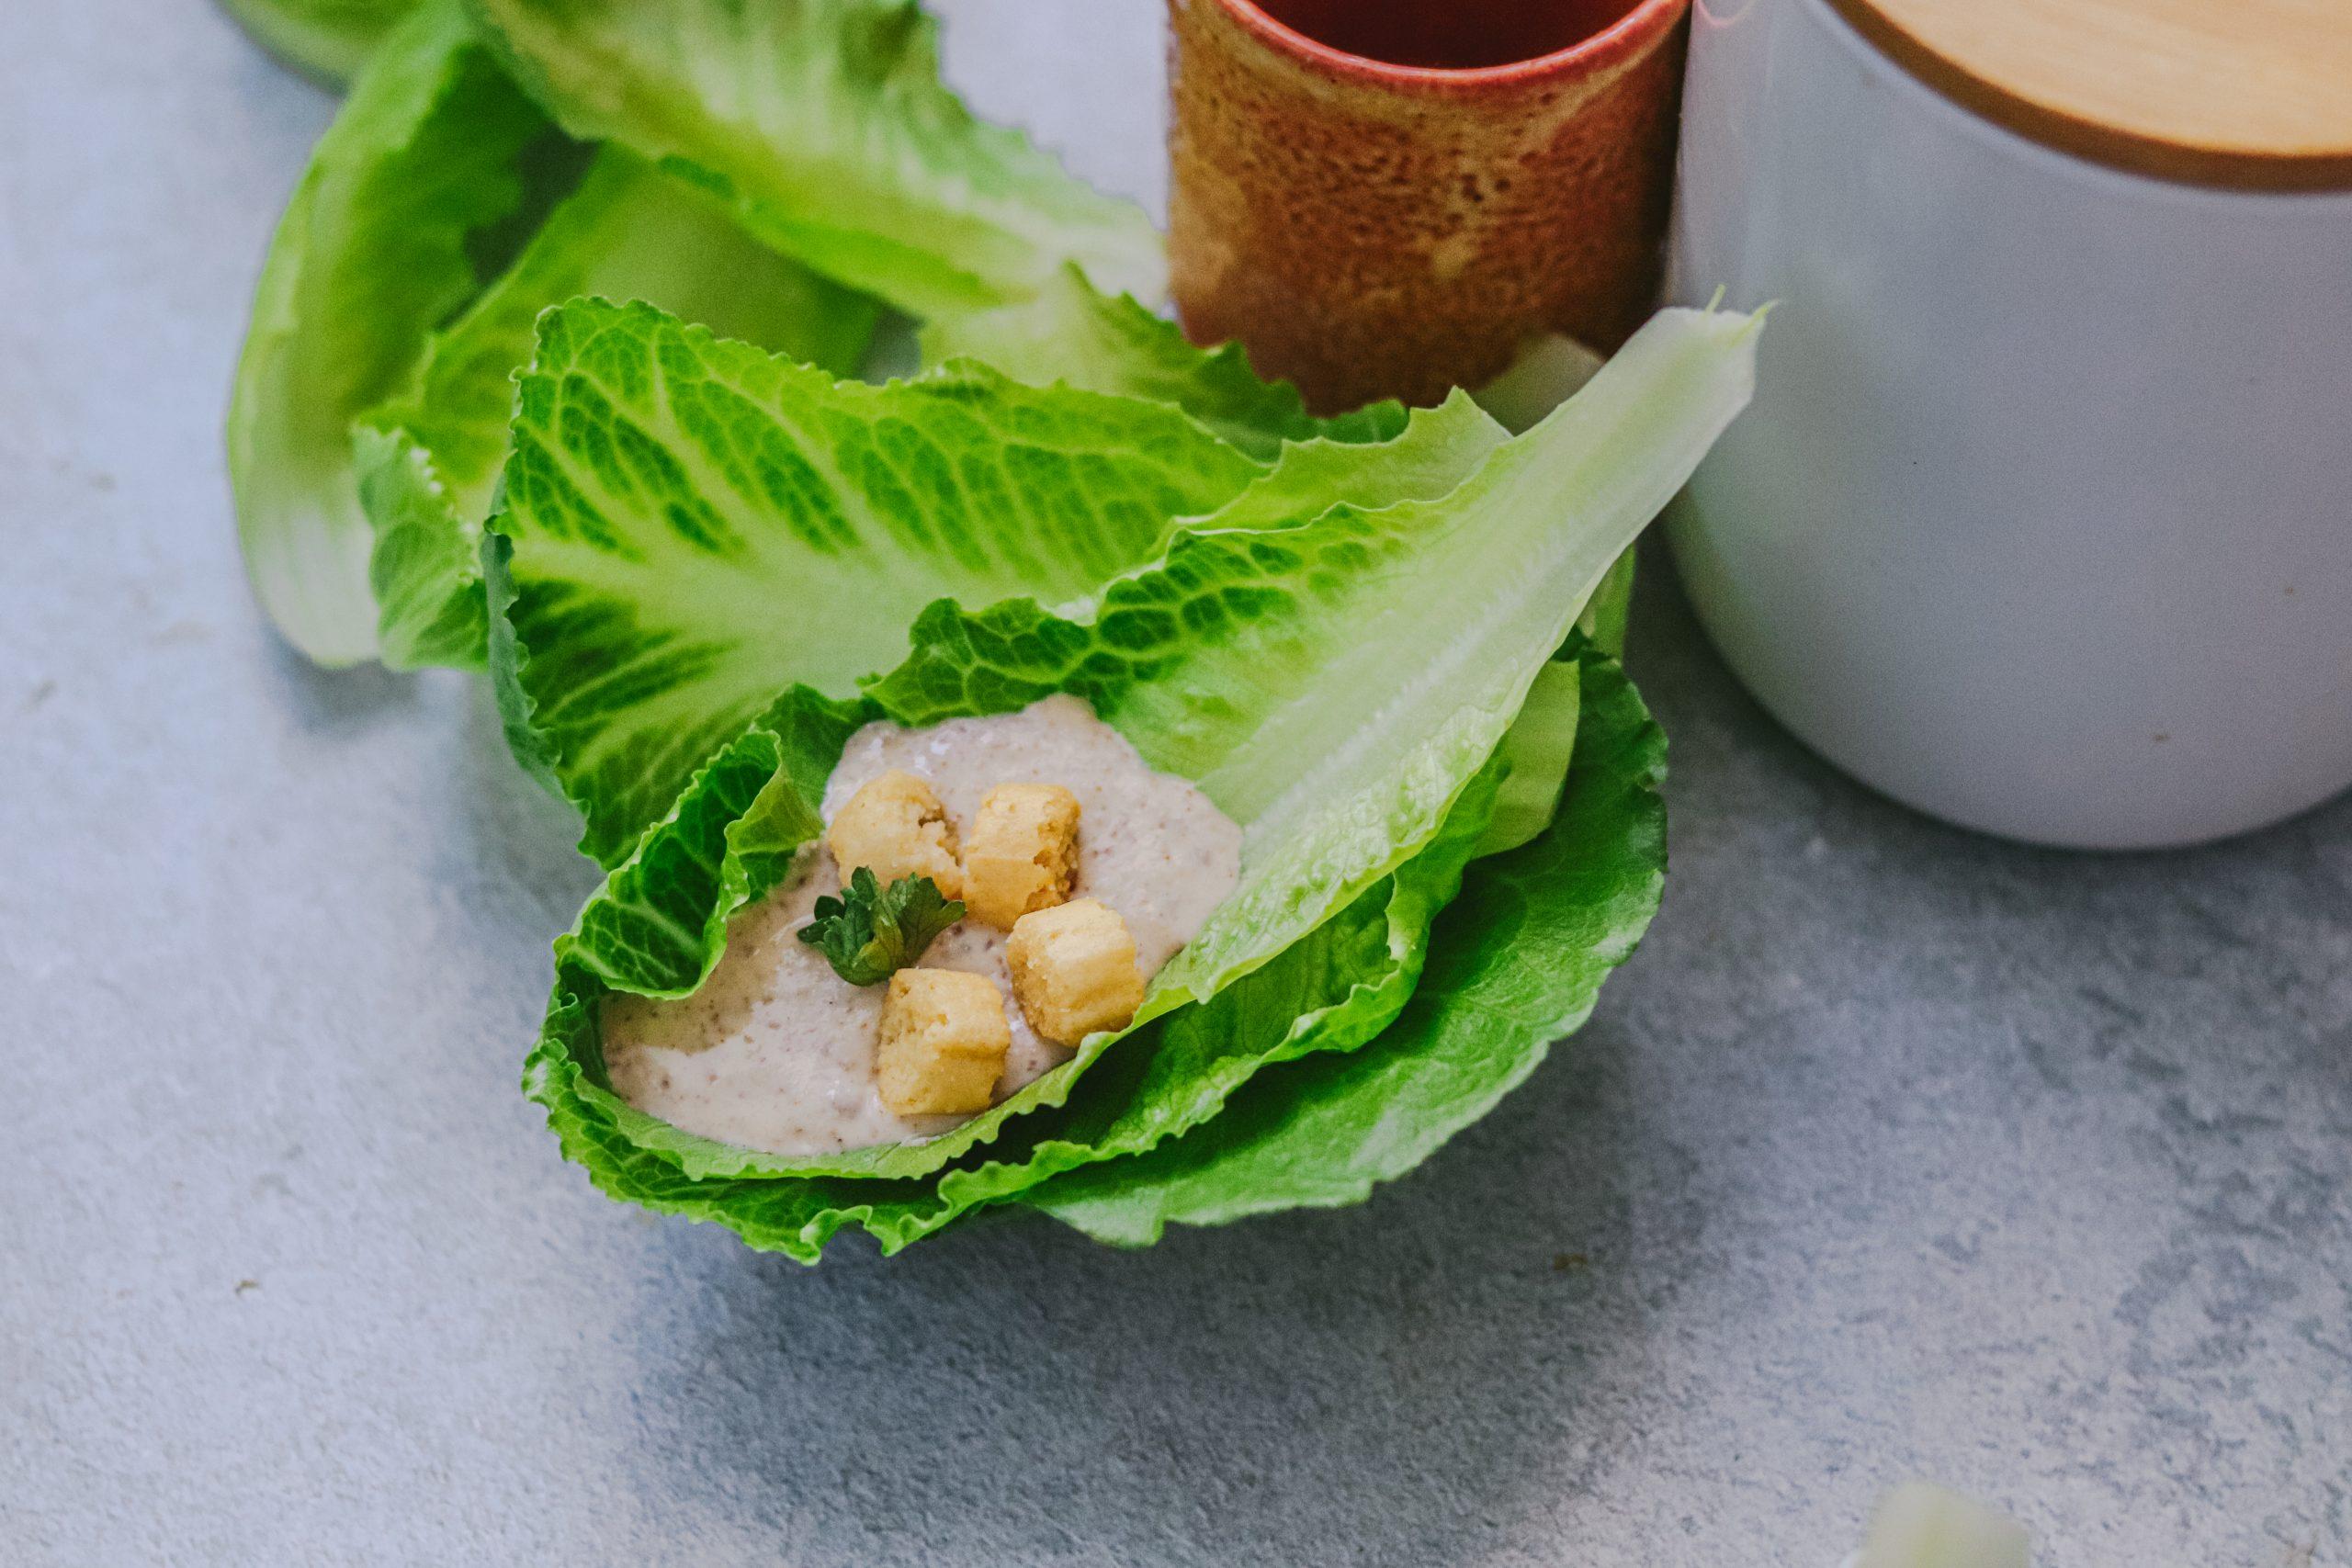 Jimbee Snack relleno de ajo blanco